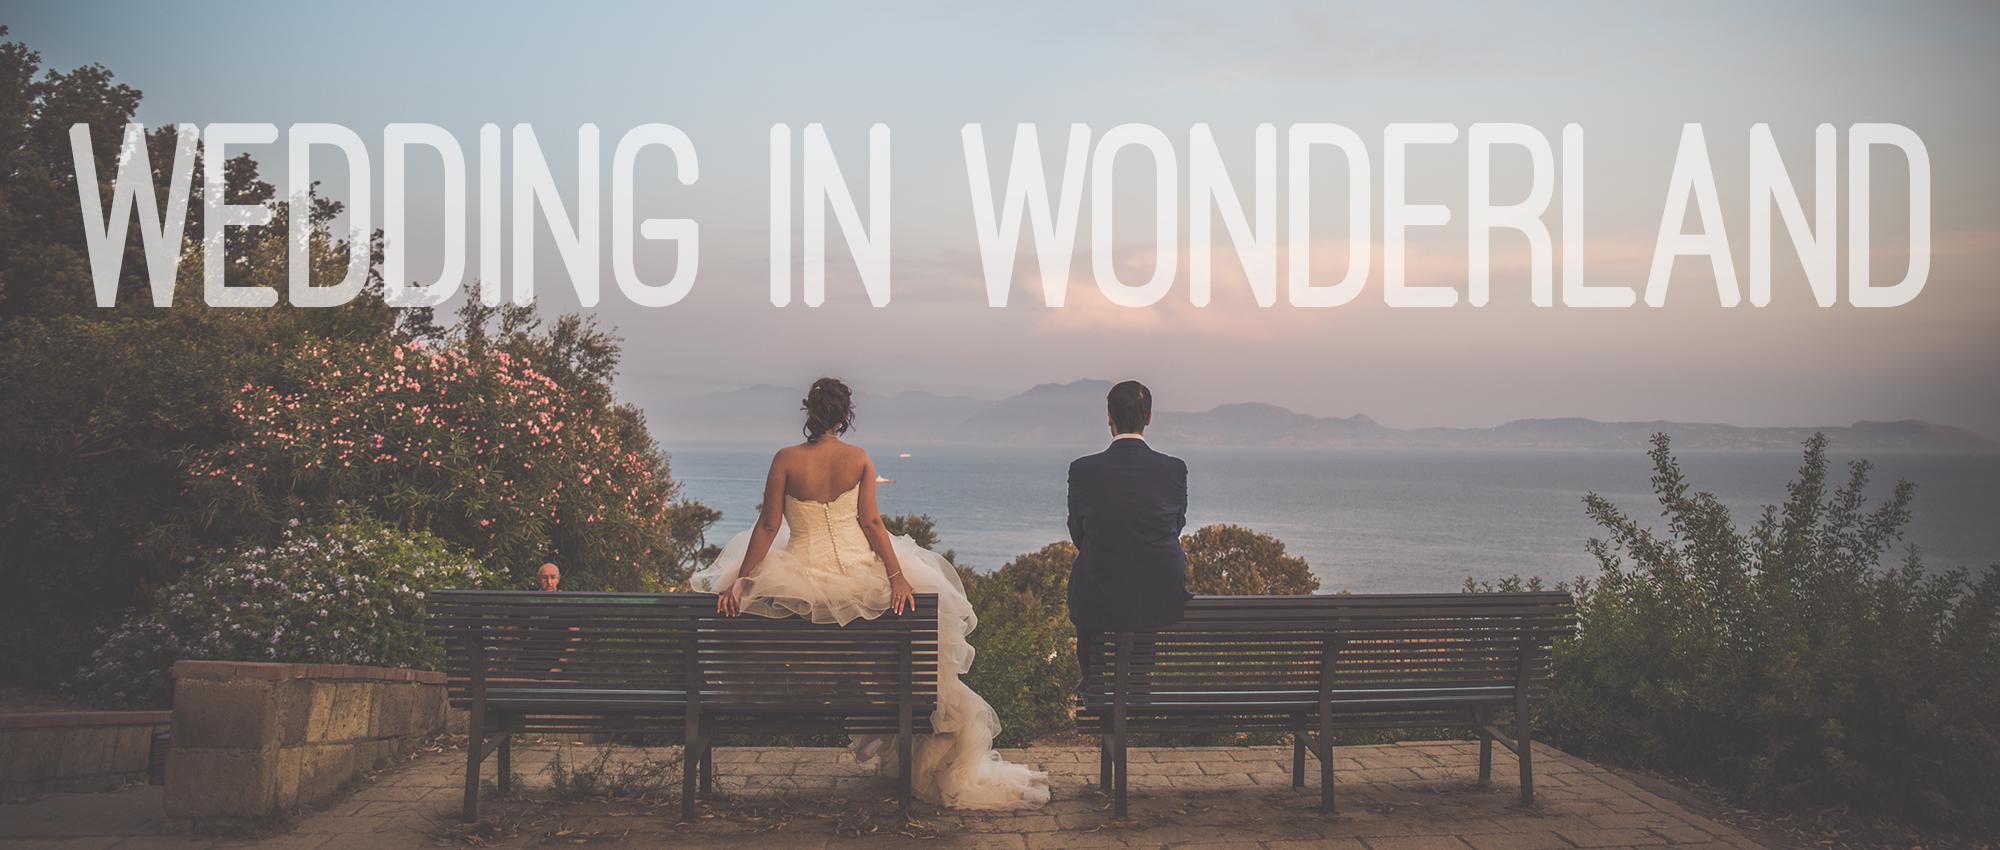 wedding wonderlan